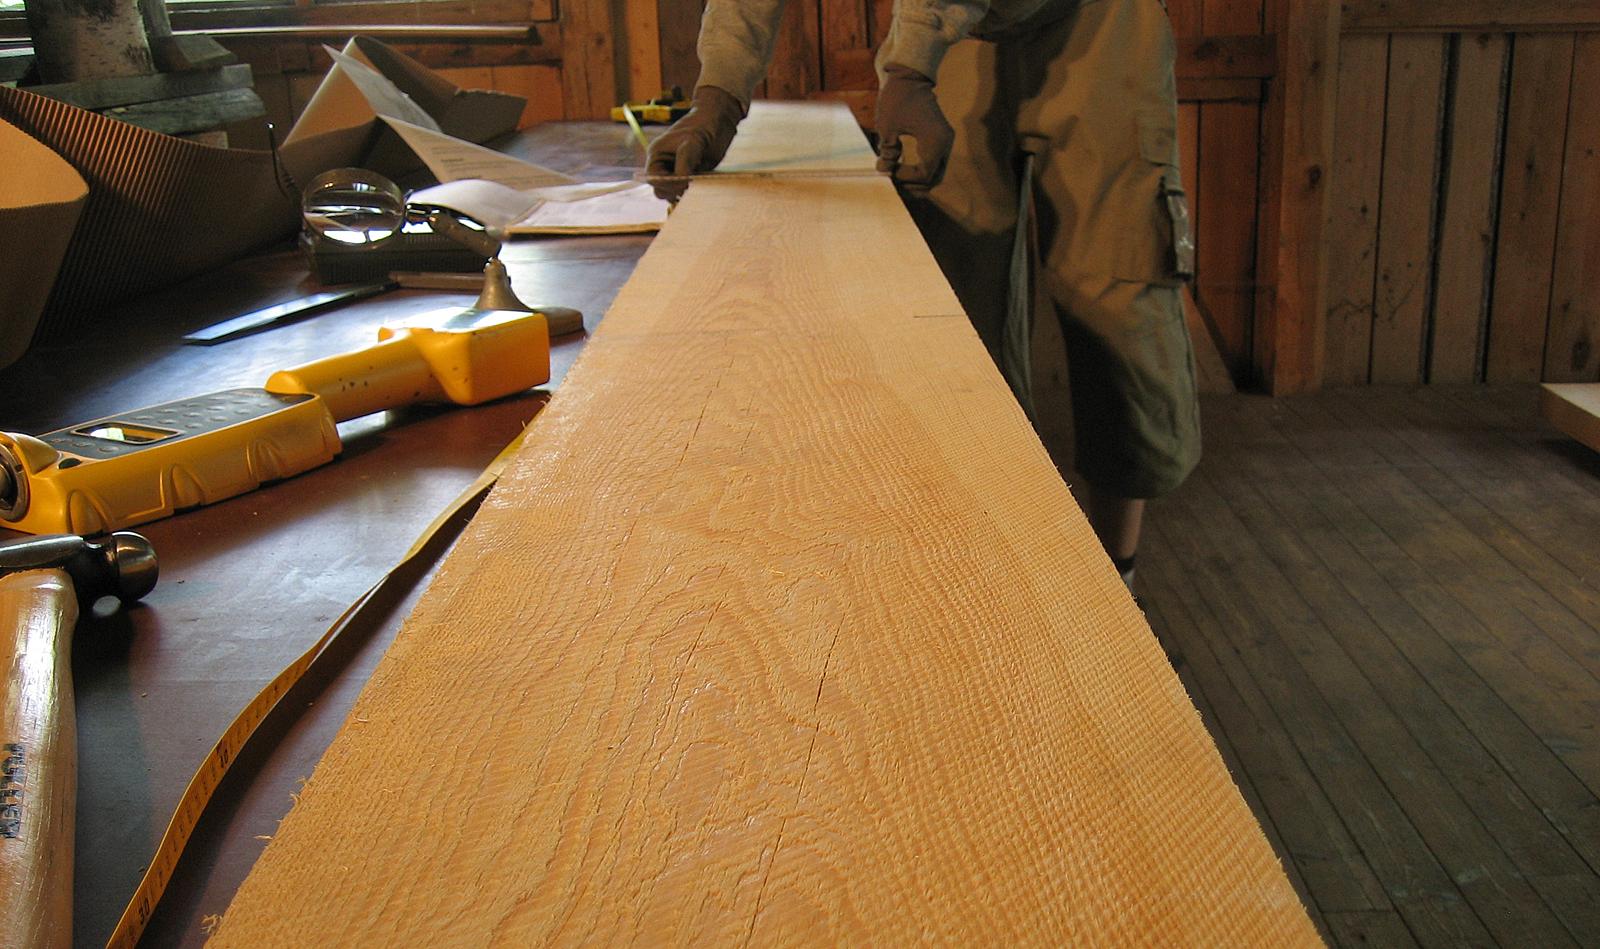 Jatkuvan kasvatuksen männyn tyvitukista sahatun pintalaudan laatu säilyy hyvin korkeana jopa 15 metrin korkeuteen saakka. Kuva: Riikka Piispanen